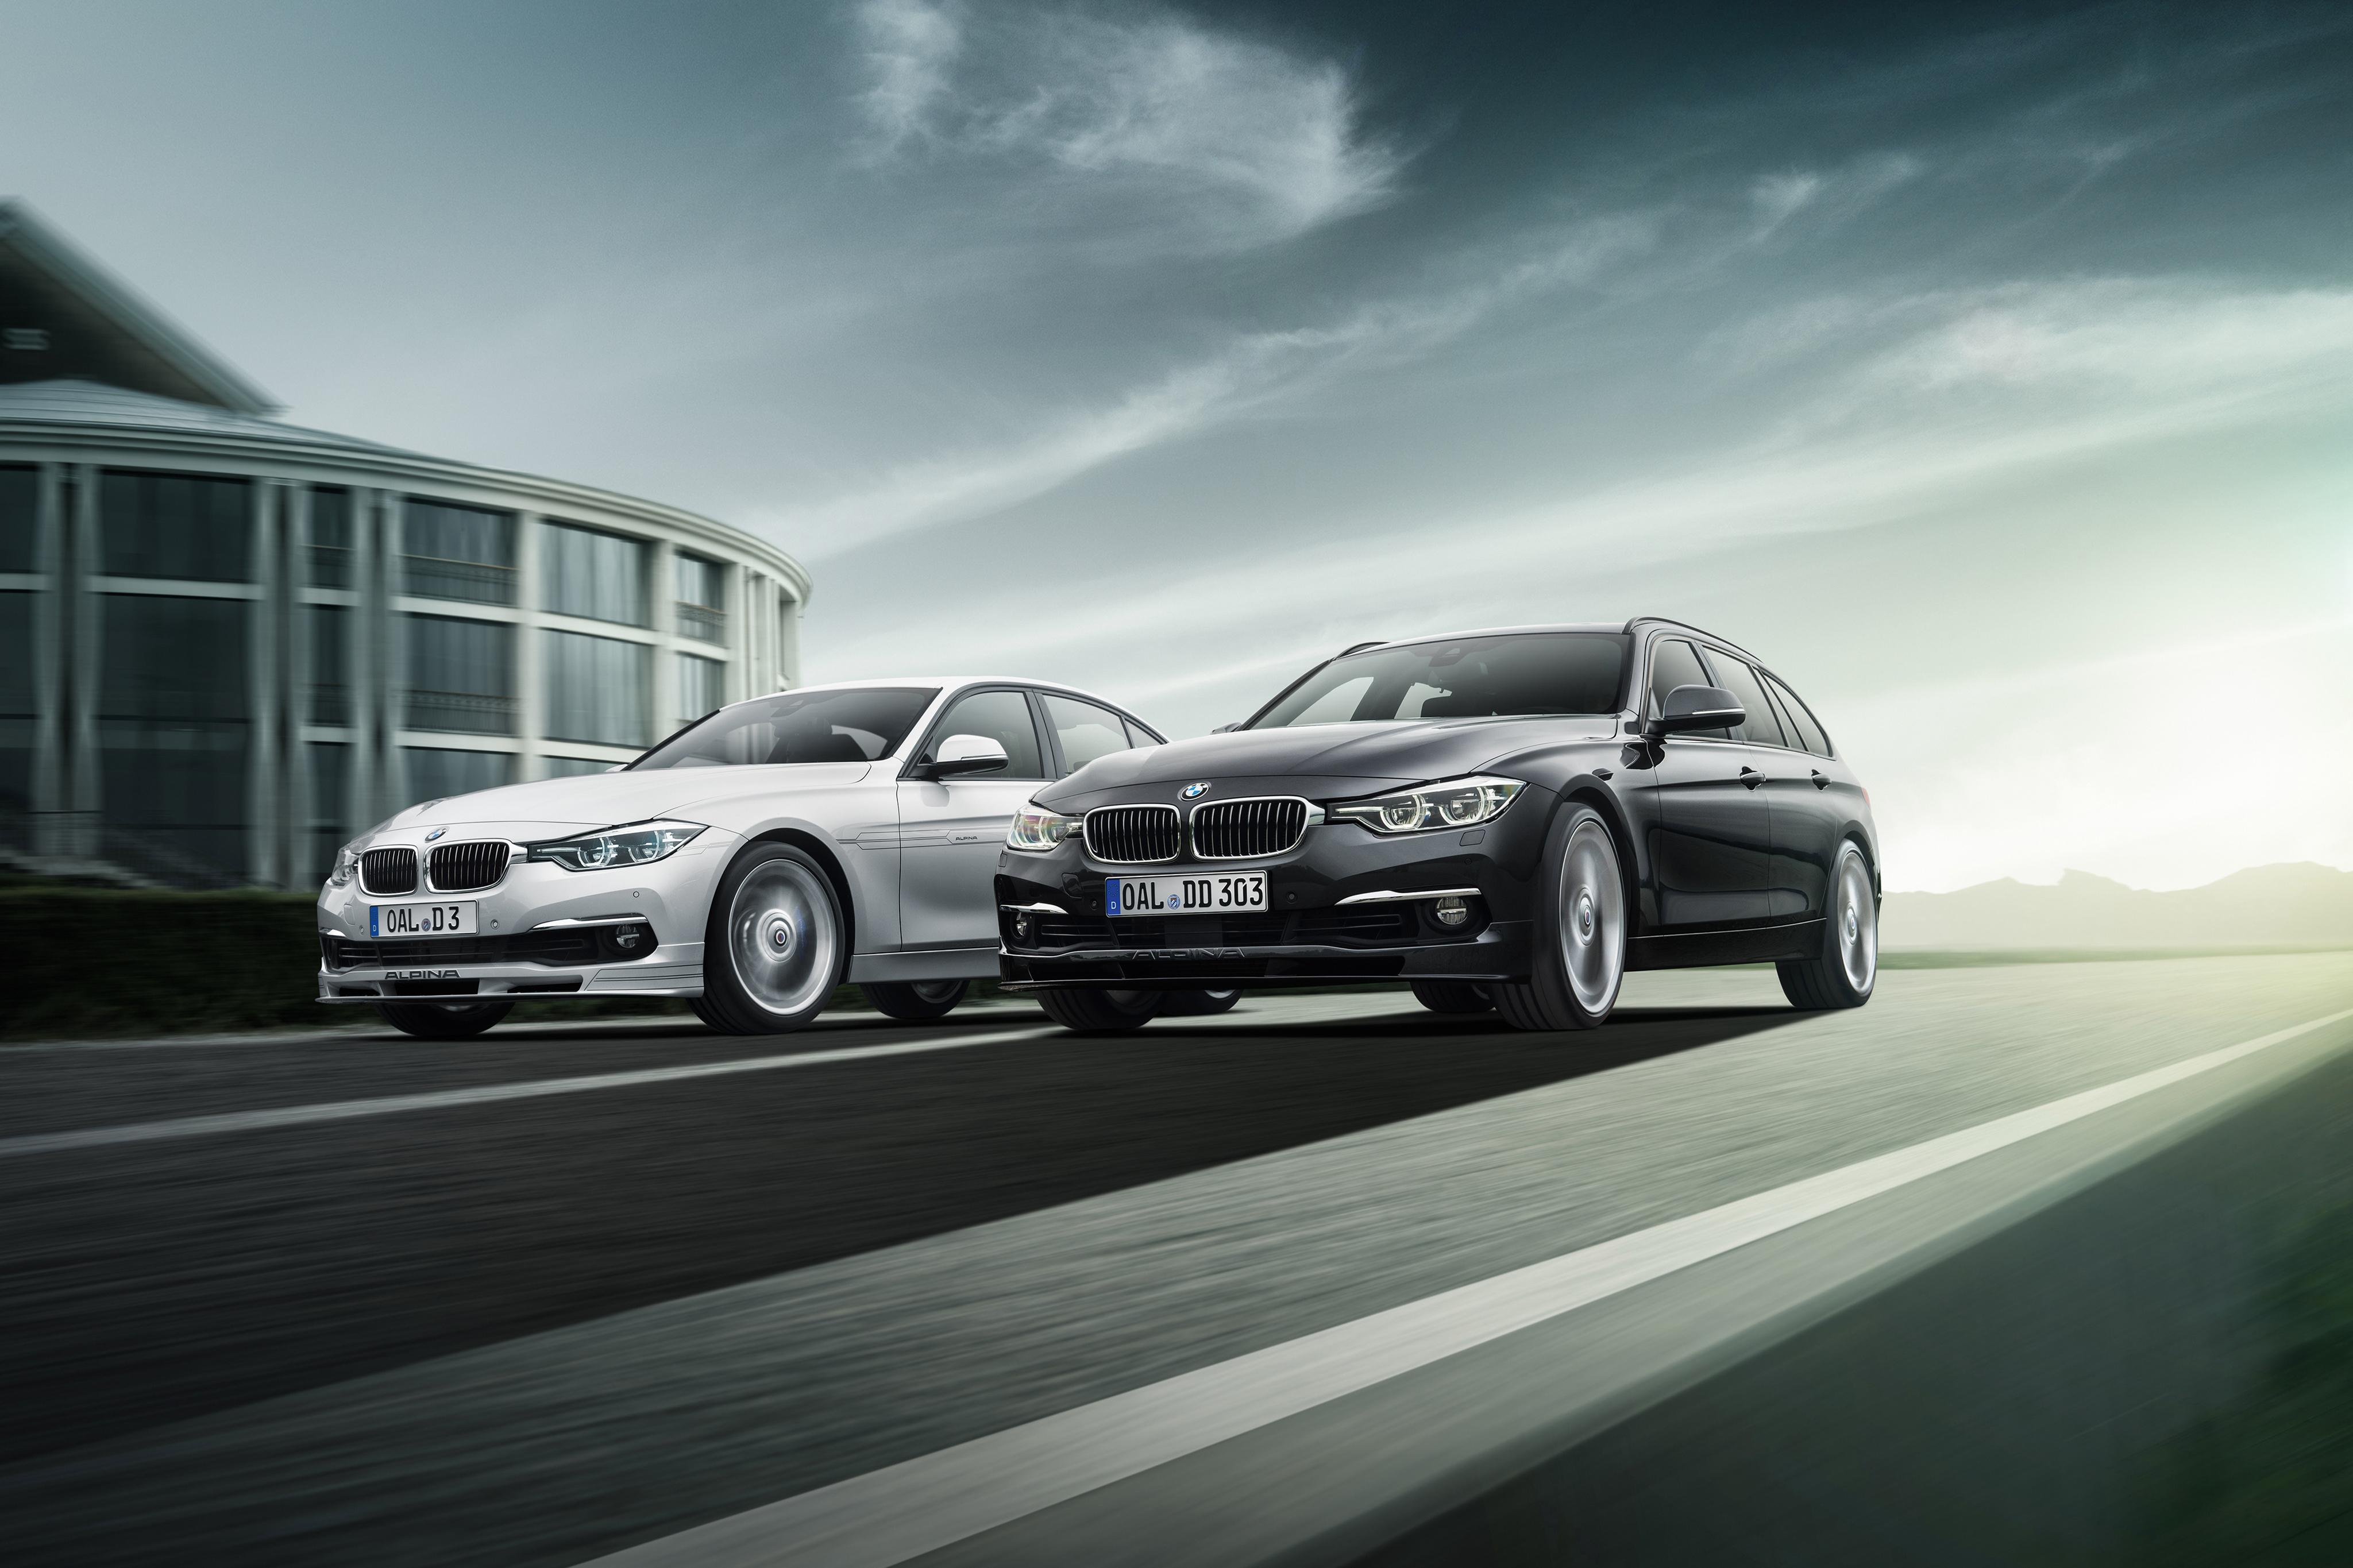 Фотография BMW F31 Alpina 2013 F30 3 Series вдвоем автомобиль 4096x2730 БМВ 2 два две Двое авто машины машина Автомобили